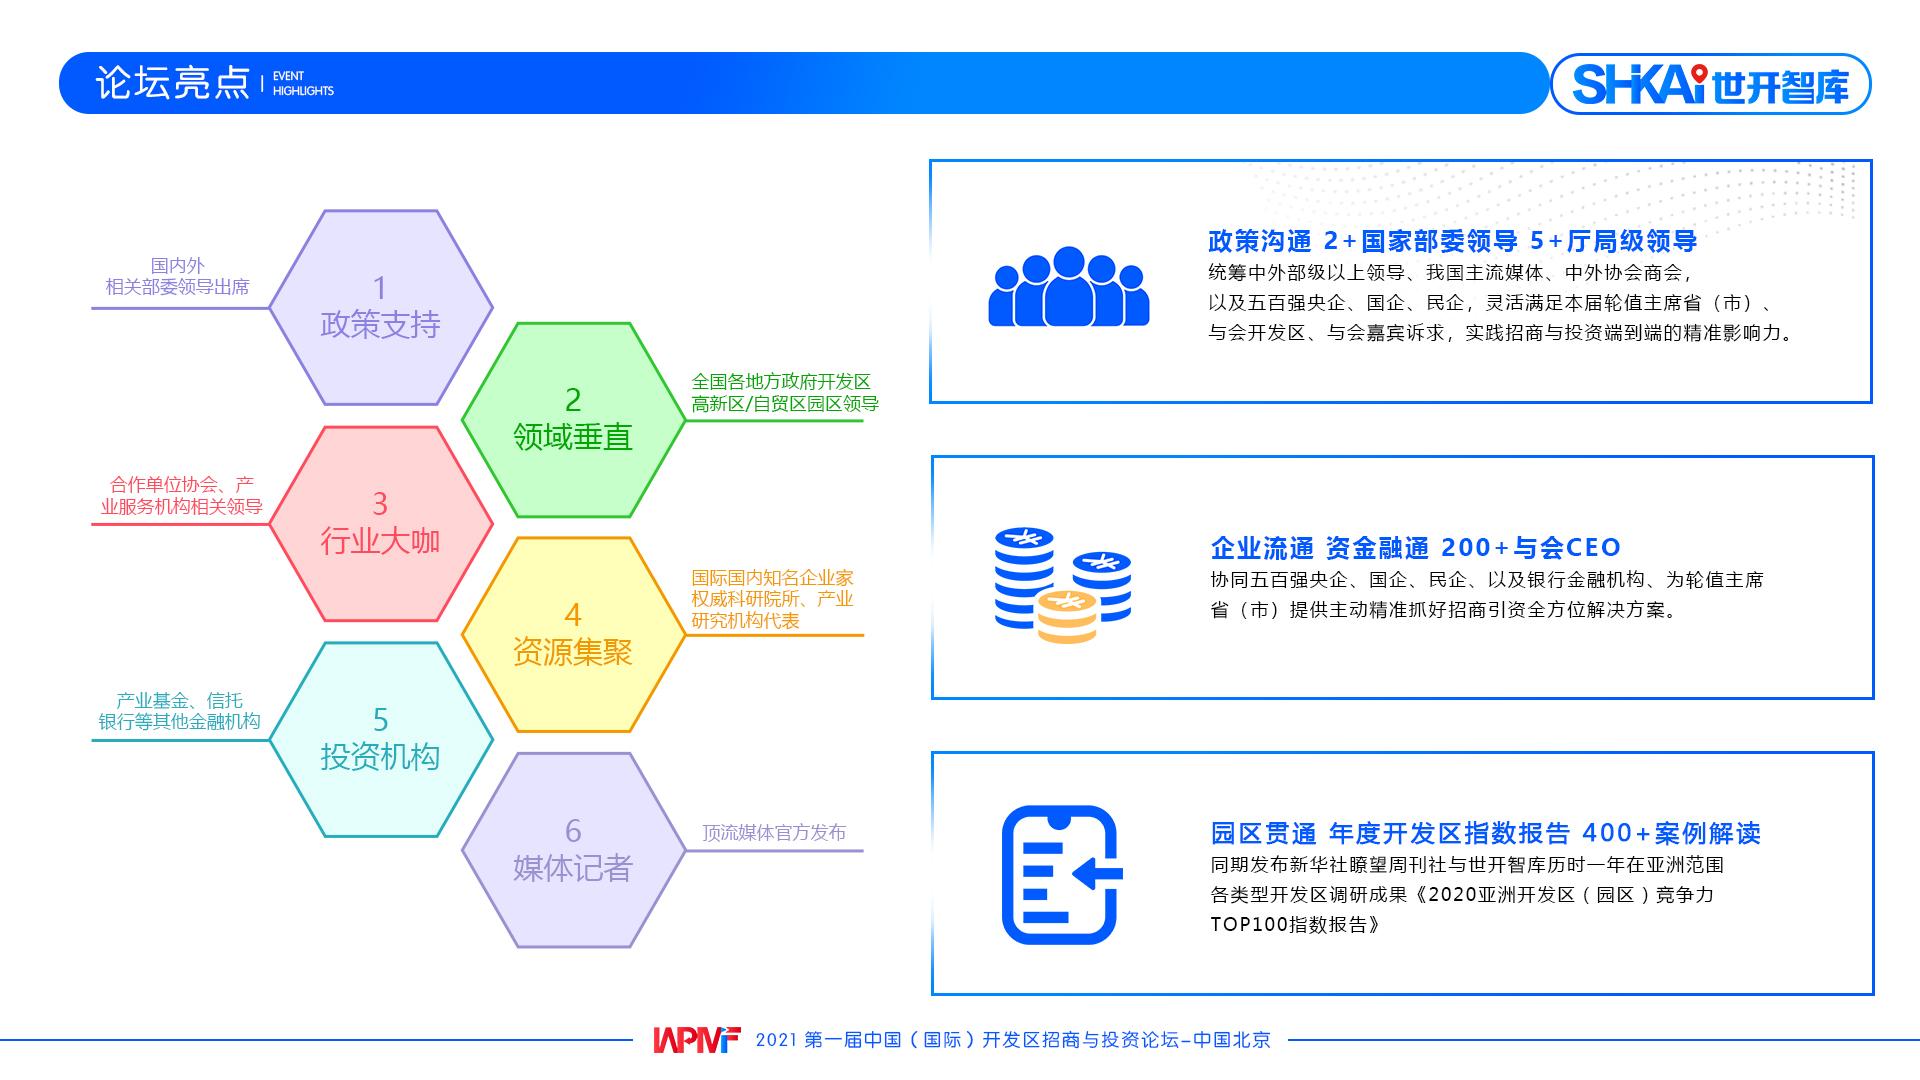 中国(国际)开发区招商与投资论坛暨2020亚洲开发区(园区)竞争力TOP100报告发布会